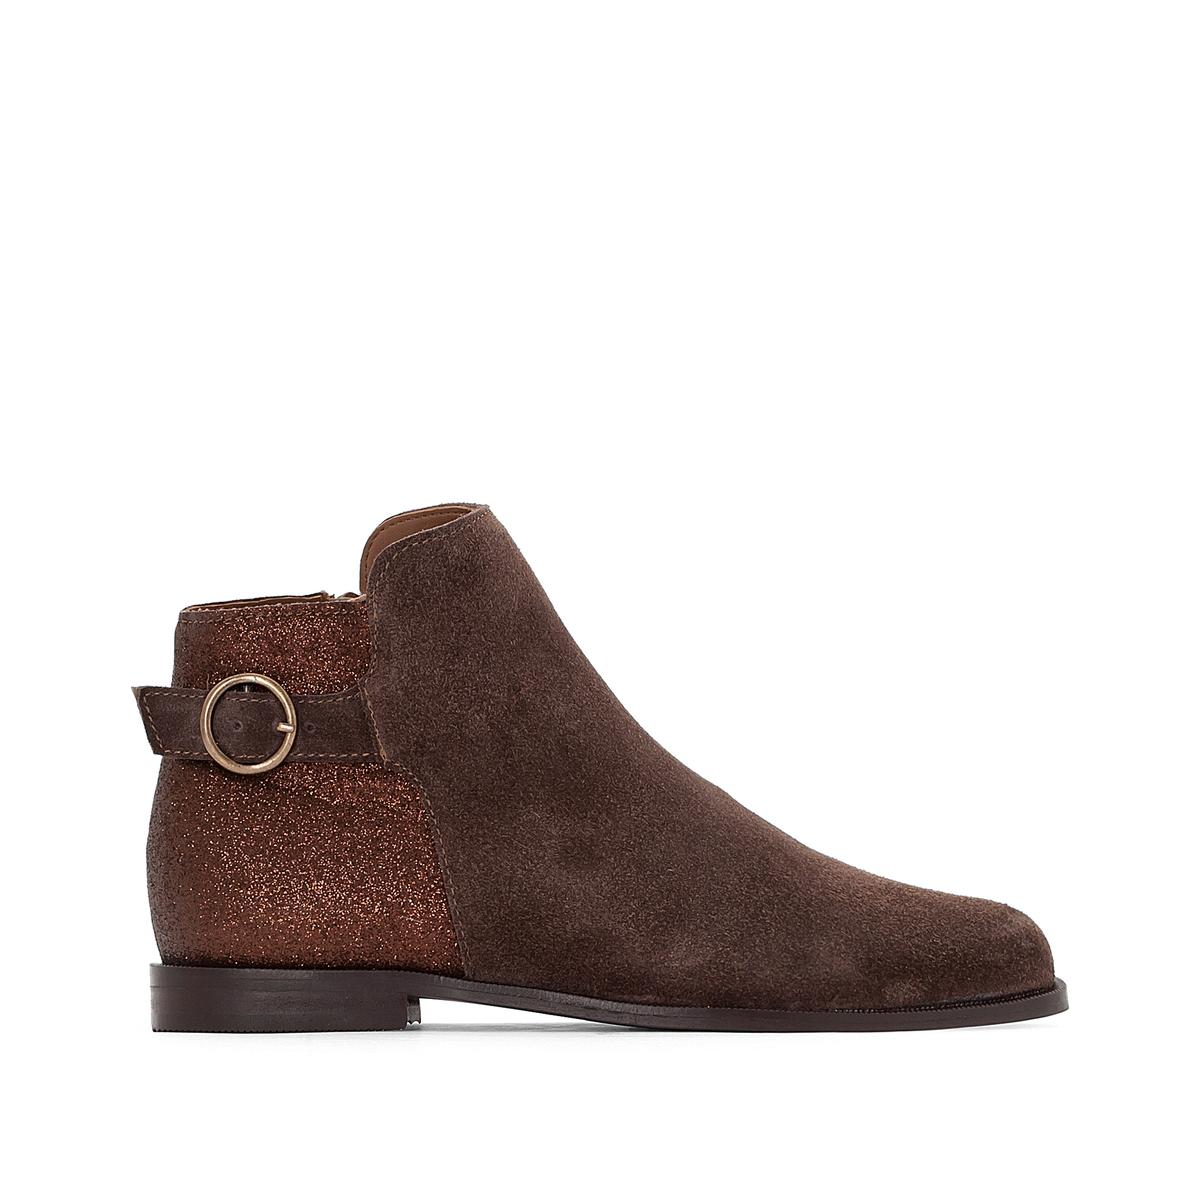 Ботинки-челси кожаные с блестками сзади купить футбольную форму челси торрес